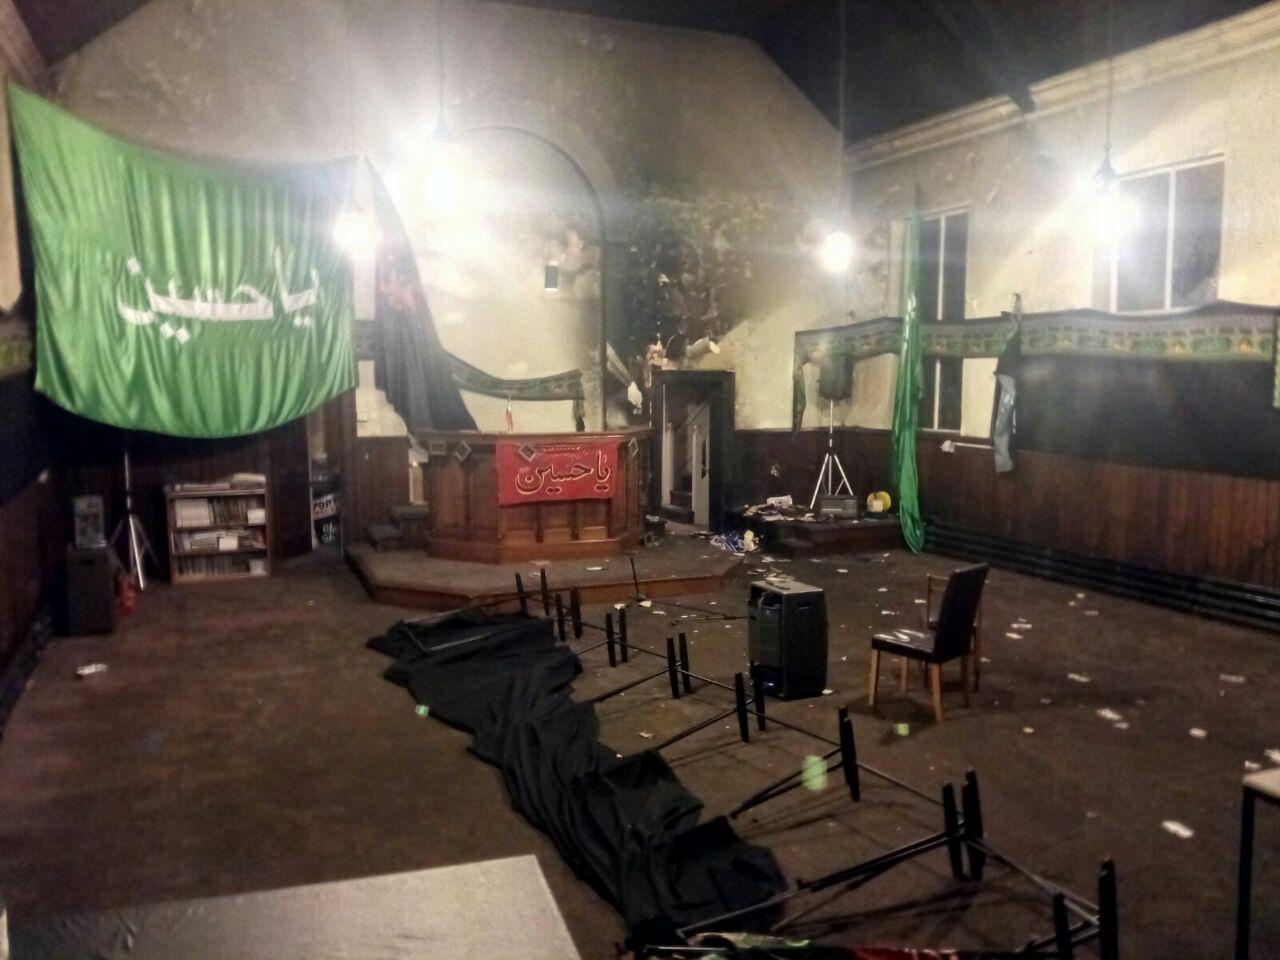 صورة بالصور: متطرفون يحرقون حسينية للشيعة في مدينة ليفربول الانجليزية